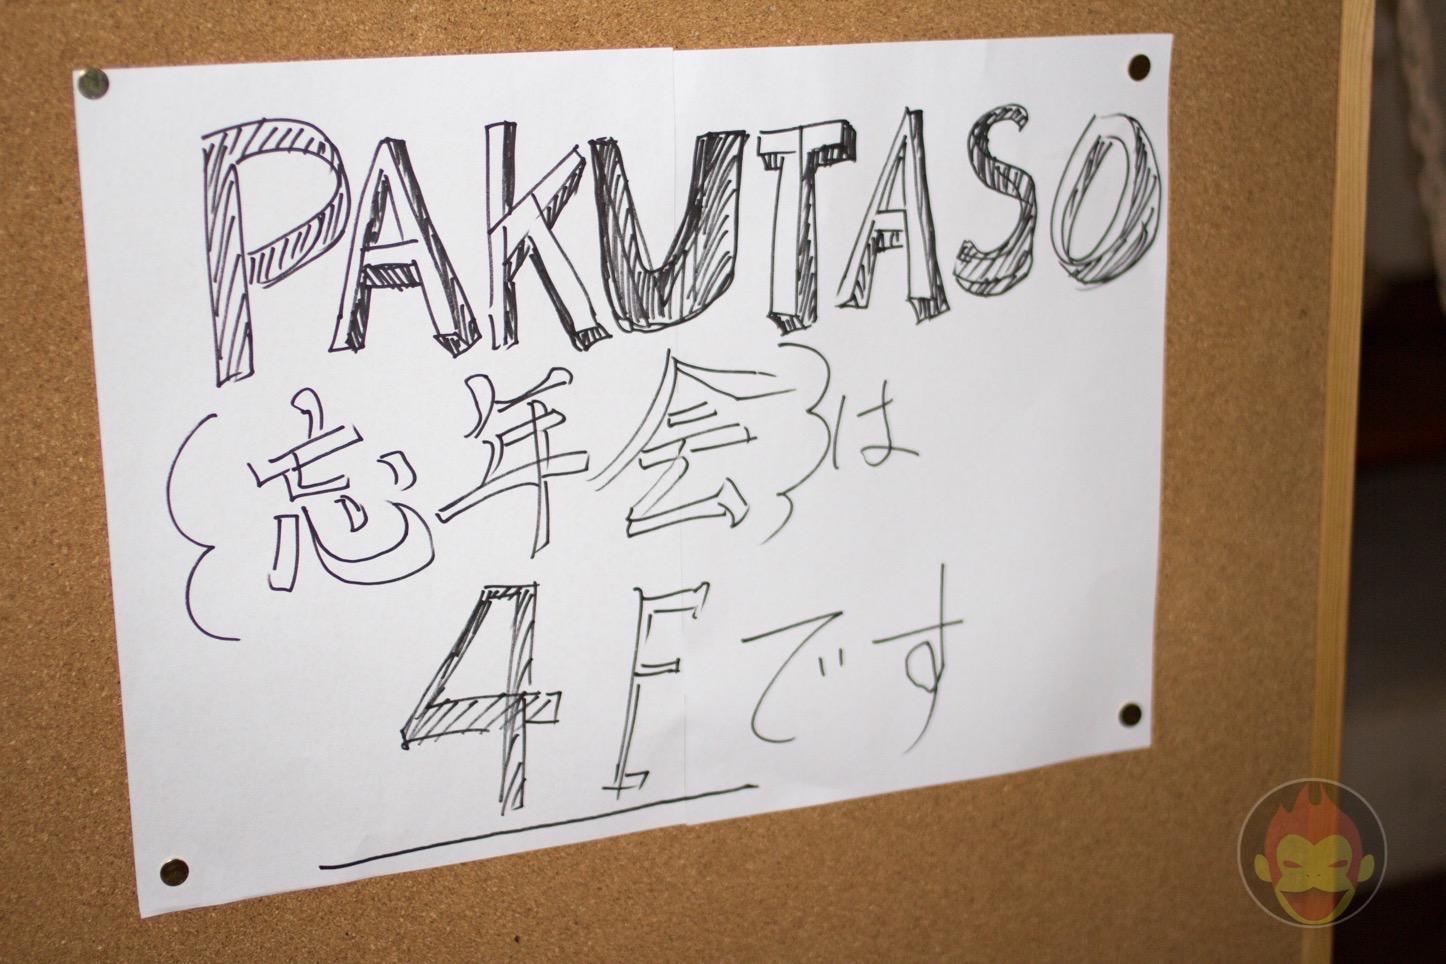 PAKUTASOの忘年会2015